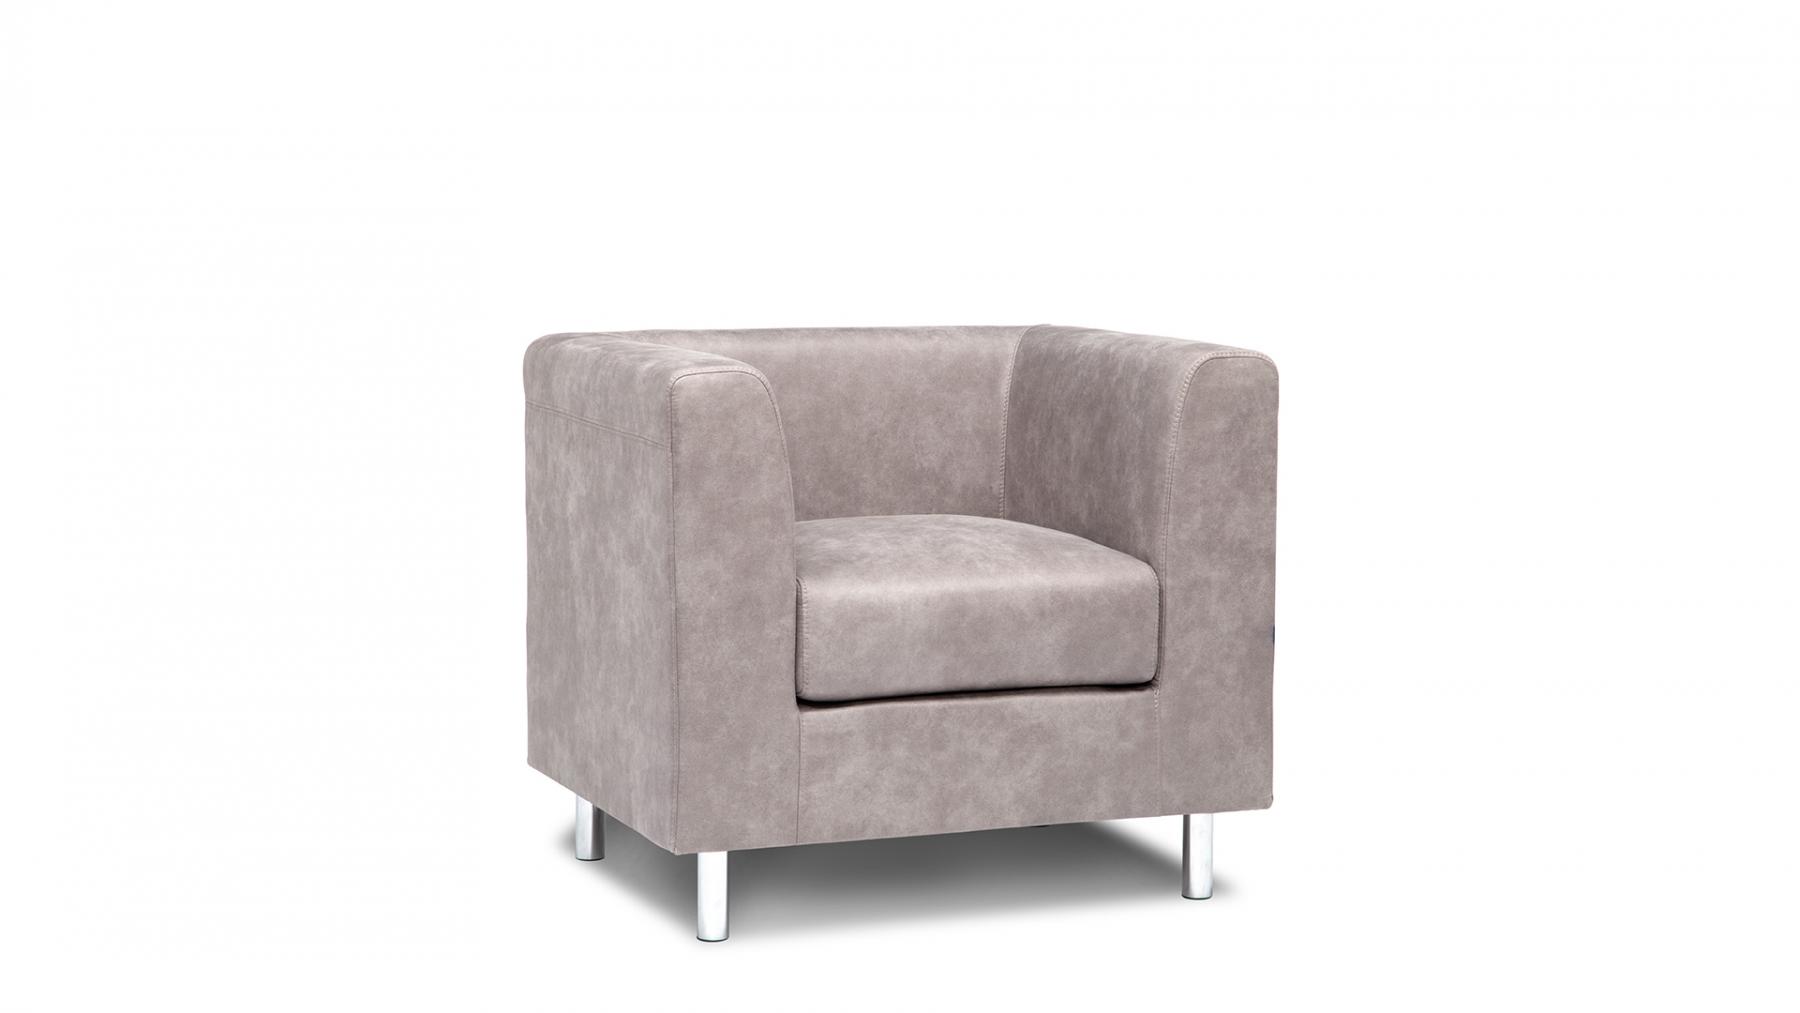 Тайм-кресло-2